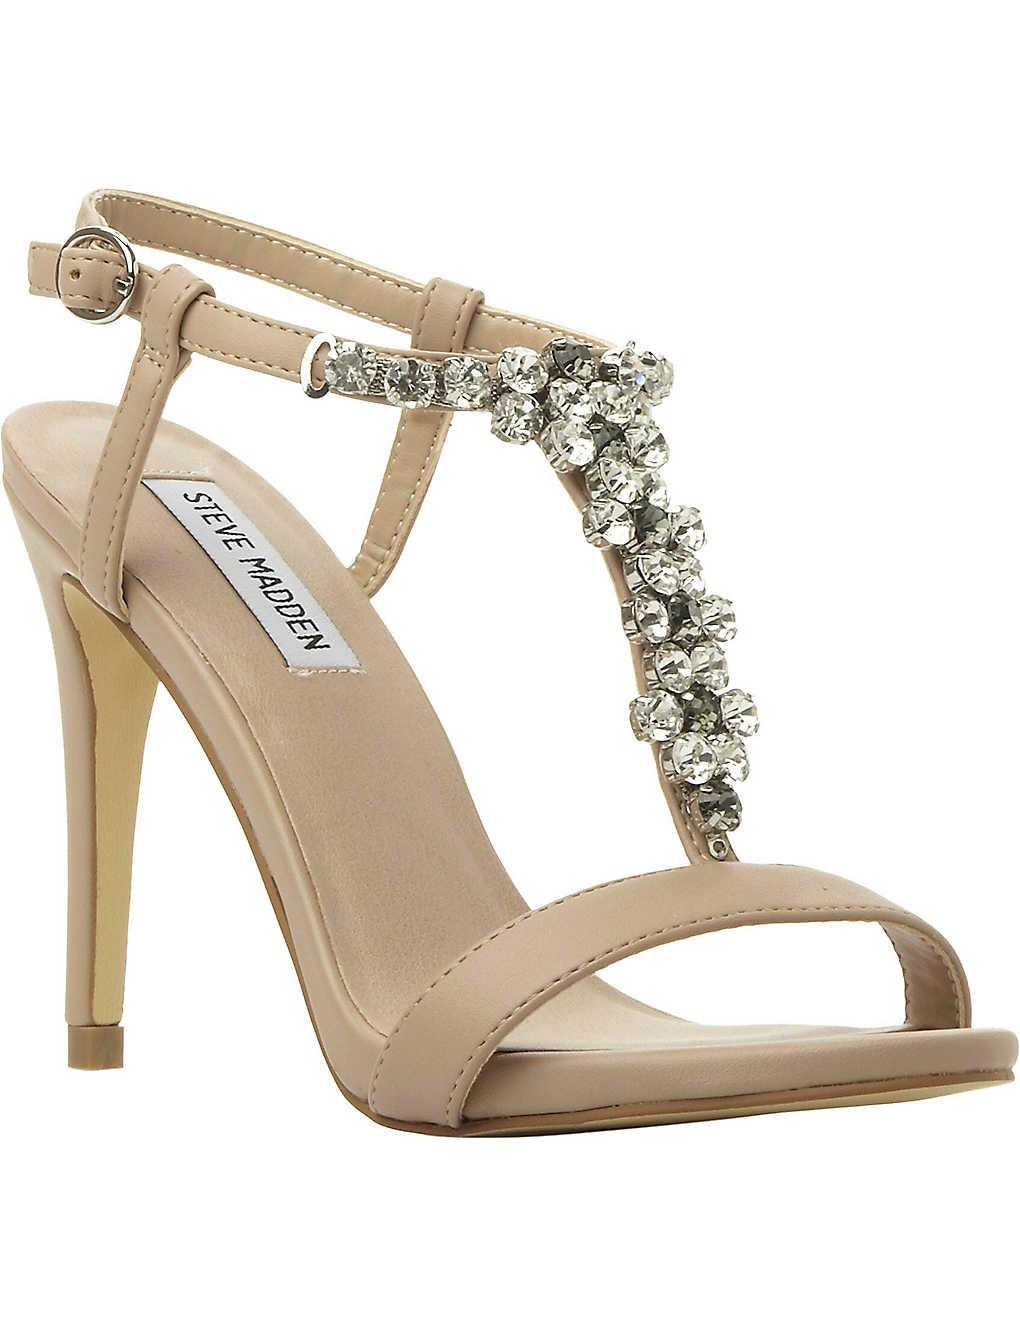 d81b919b665 Alizza jewelled heeled sandal